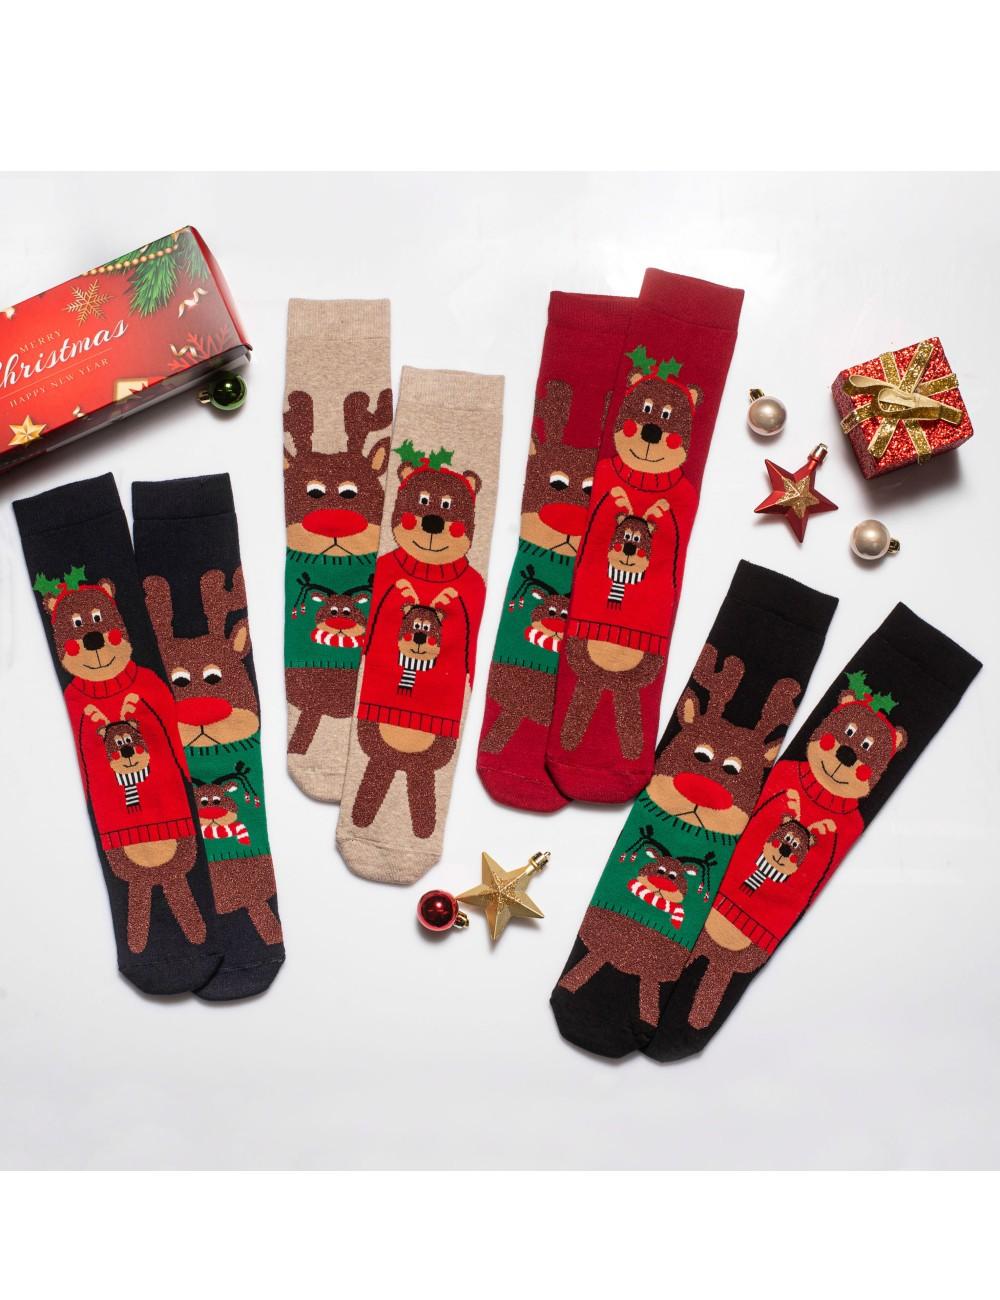 Κάλτσες Χριστουγεννιάτικες Bears and Deers Vtexsocks Σετ 4 τμχ